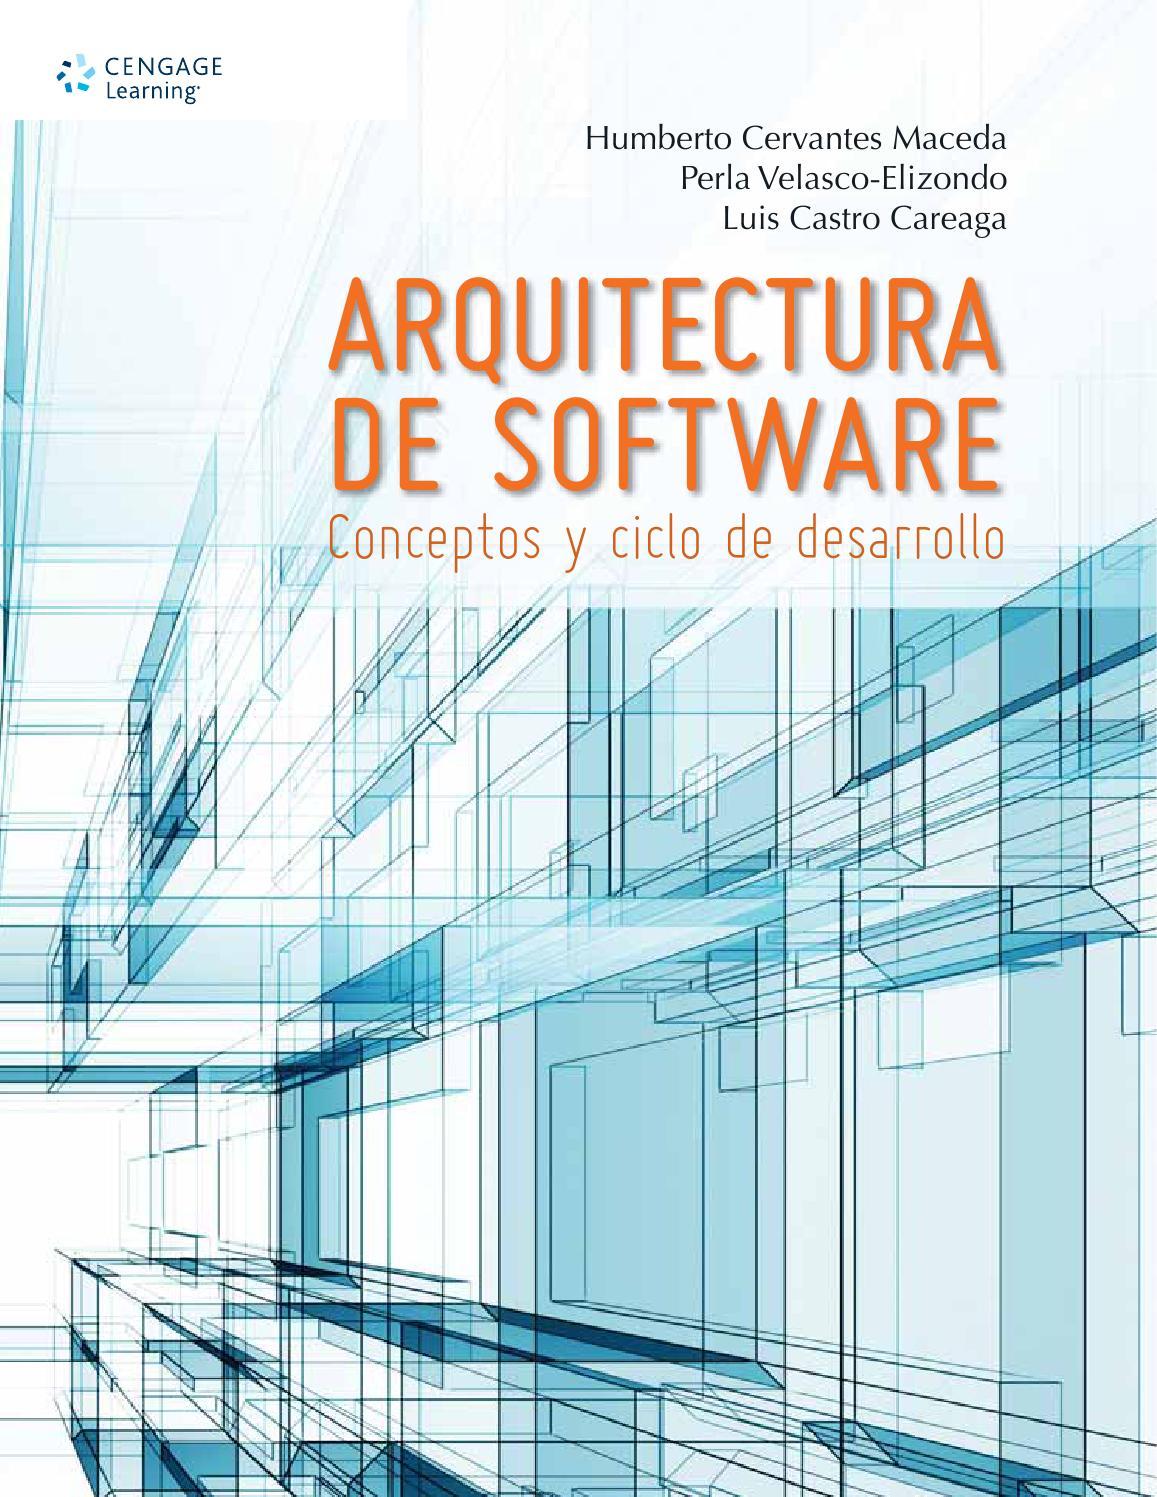 Arquitectura de software conceptos y ciclo de desarrollo Arquitectura de desarrollo